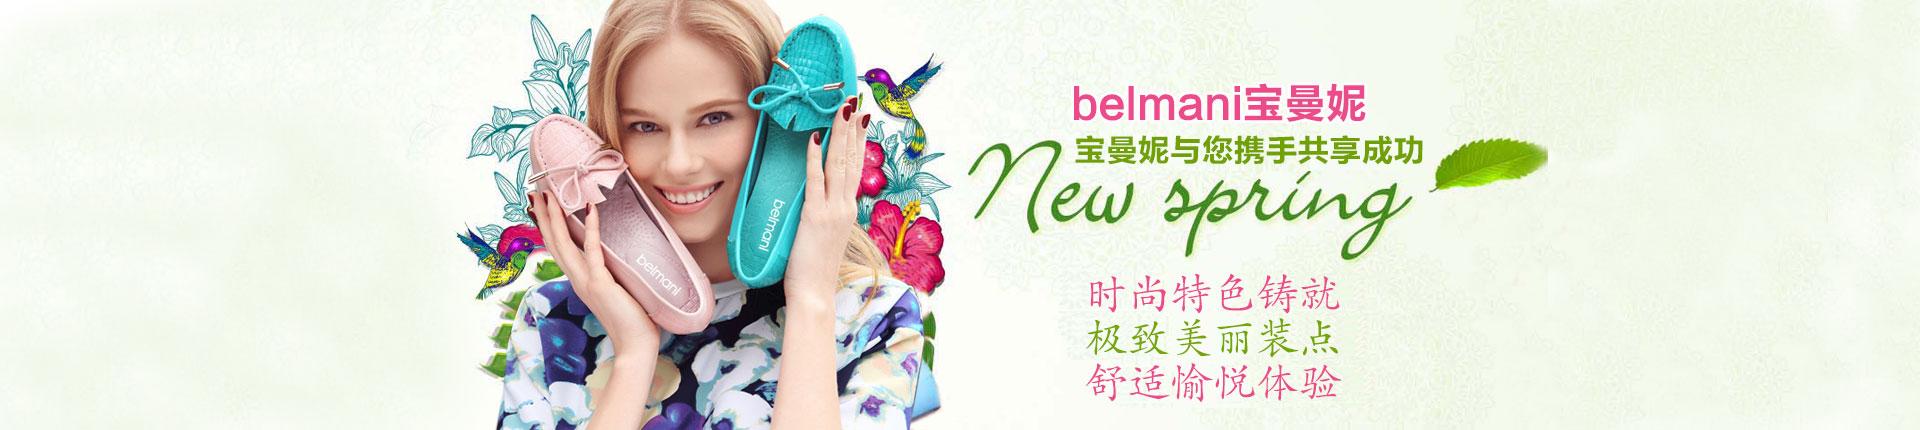 宝曼妮官方网站